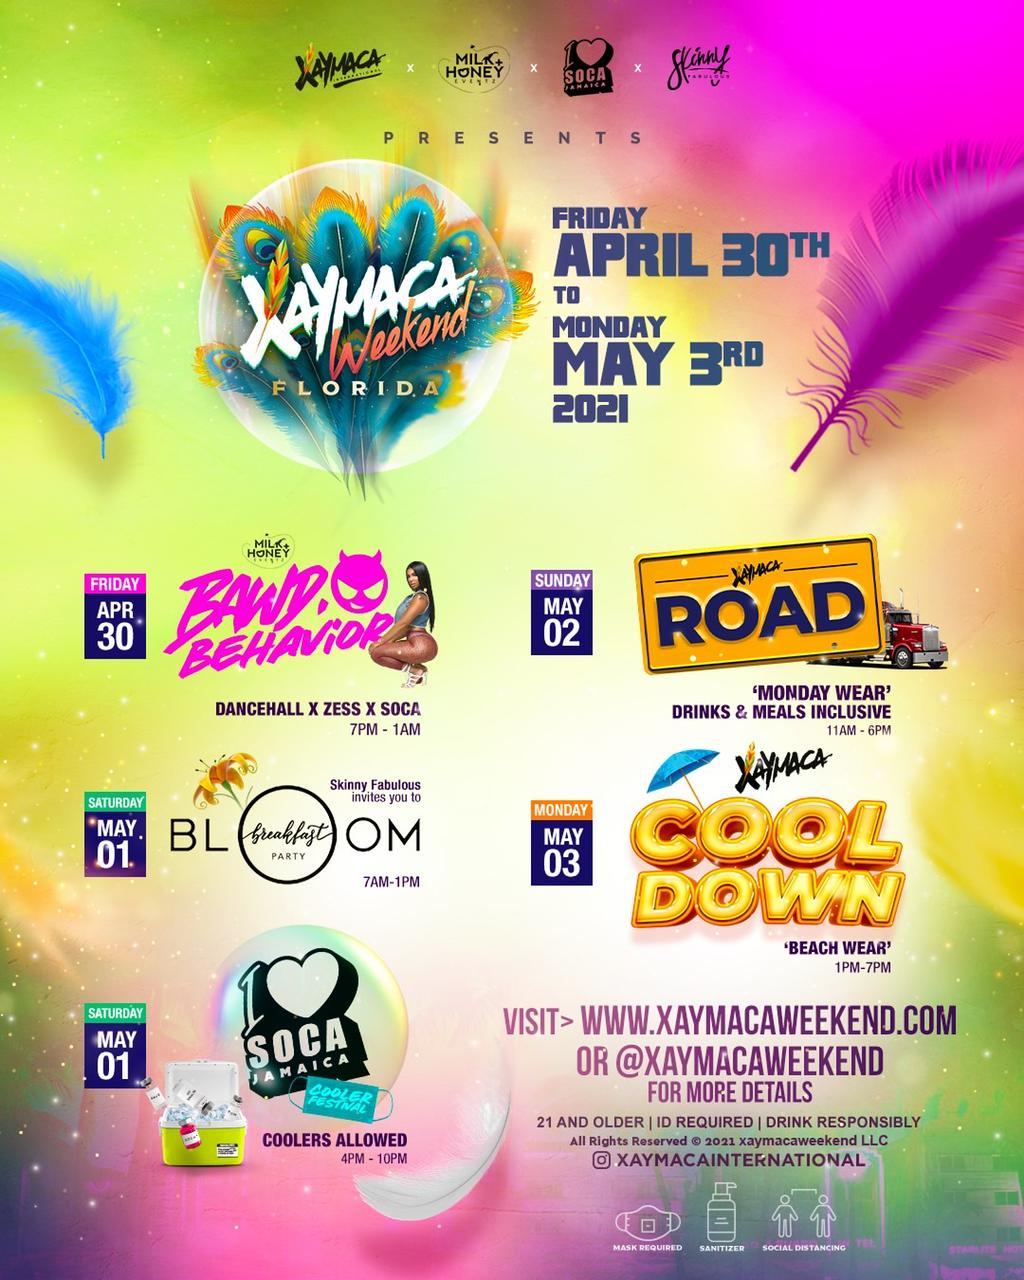 Xaymaca Weekend Florida 2021